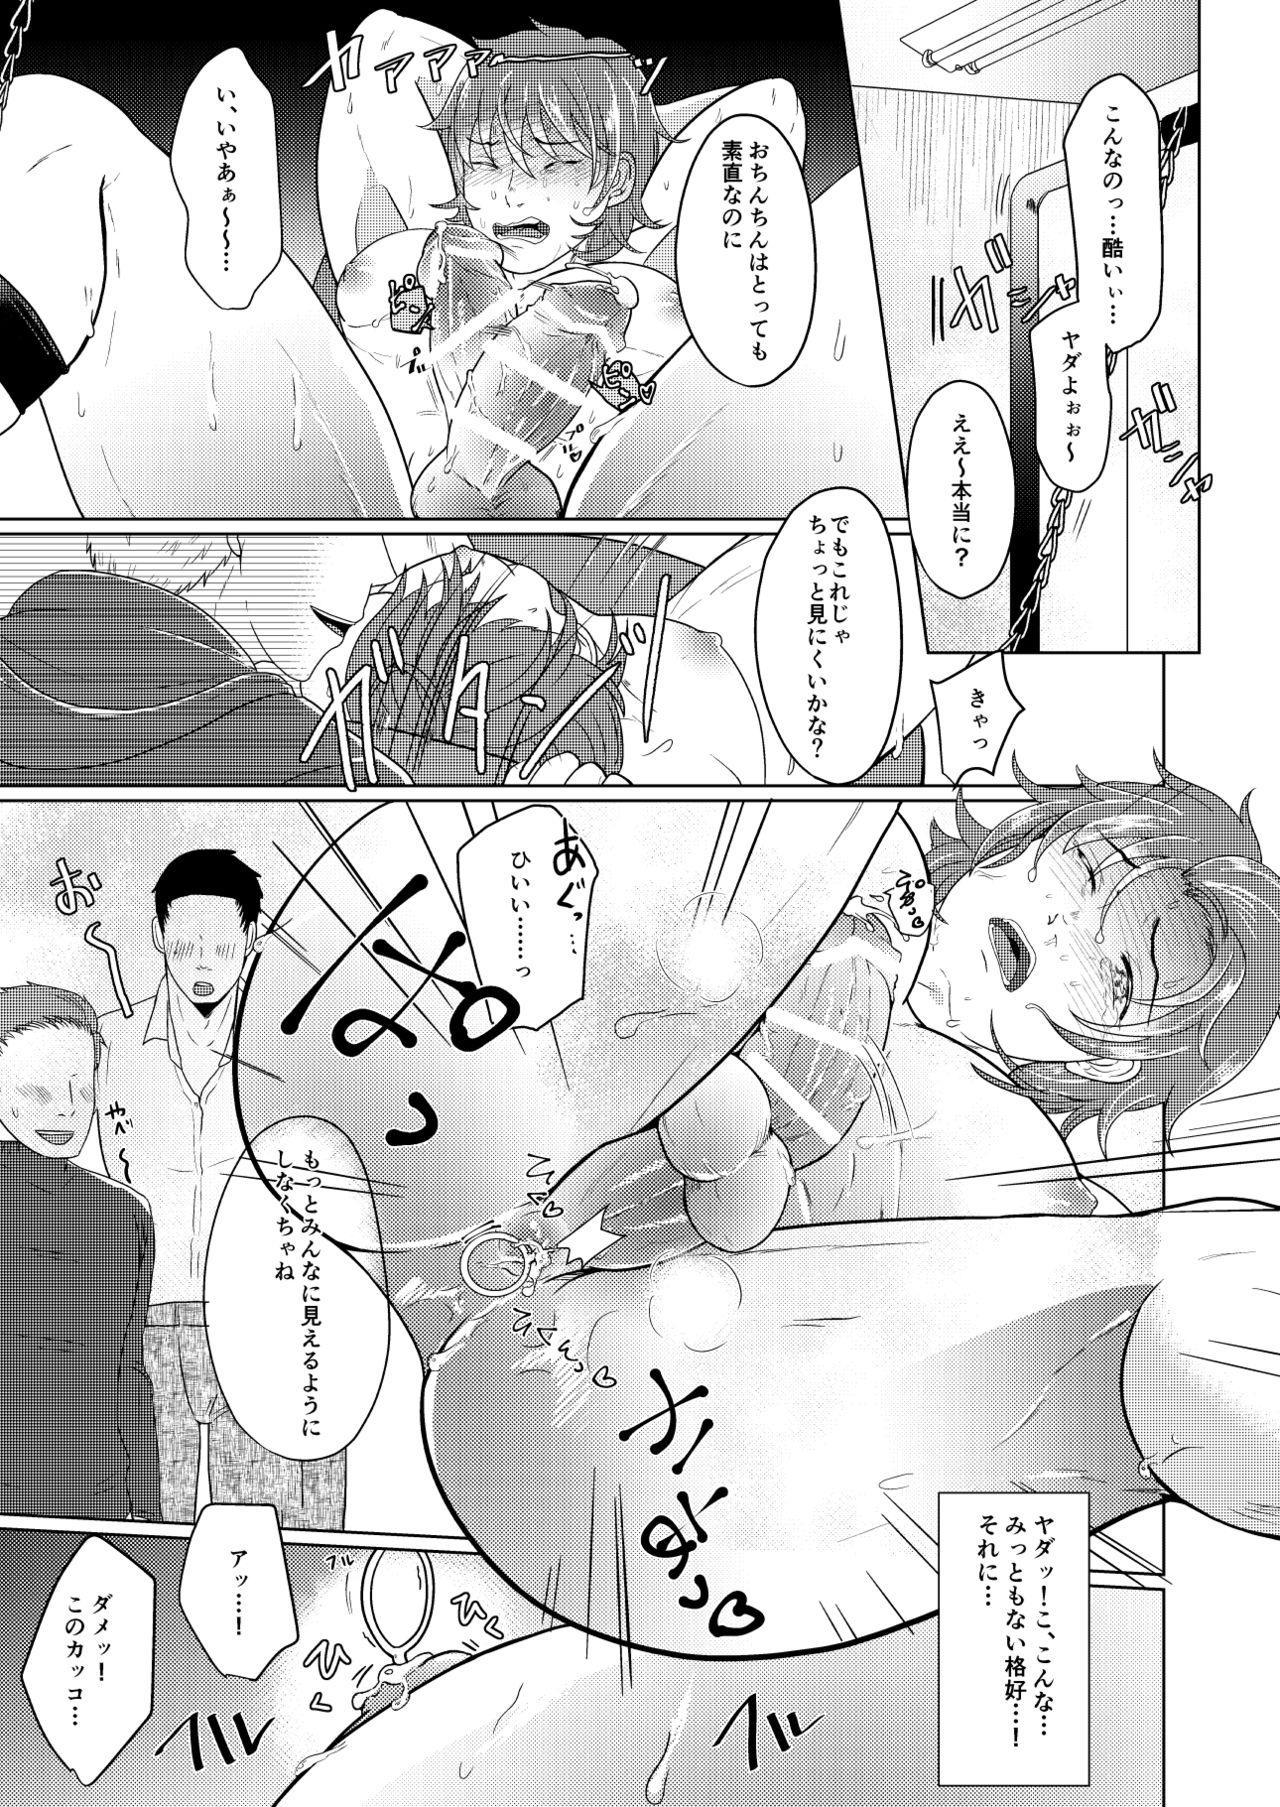 SM調教漫画⑤公開調編+α 7